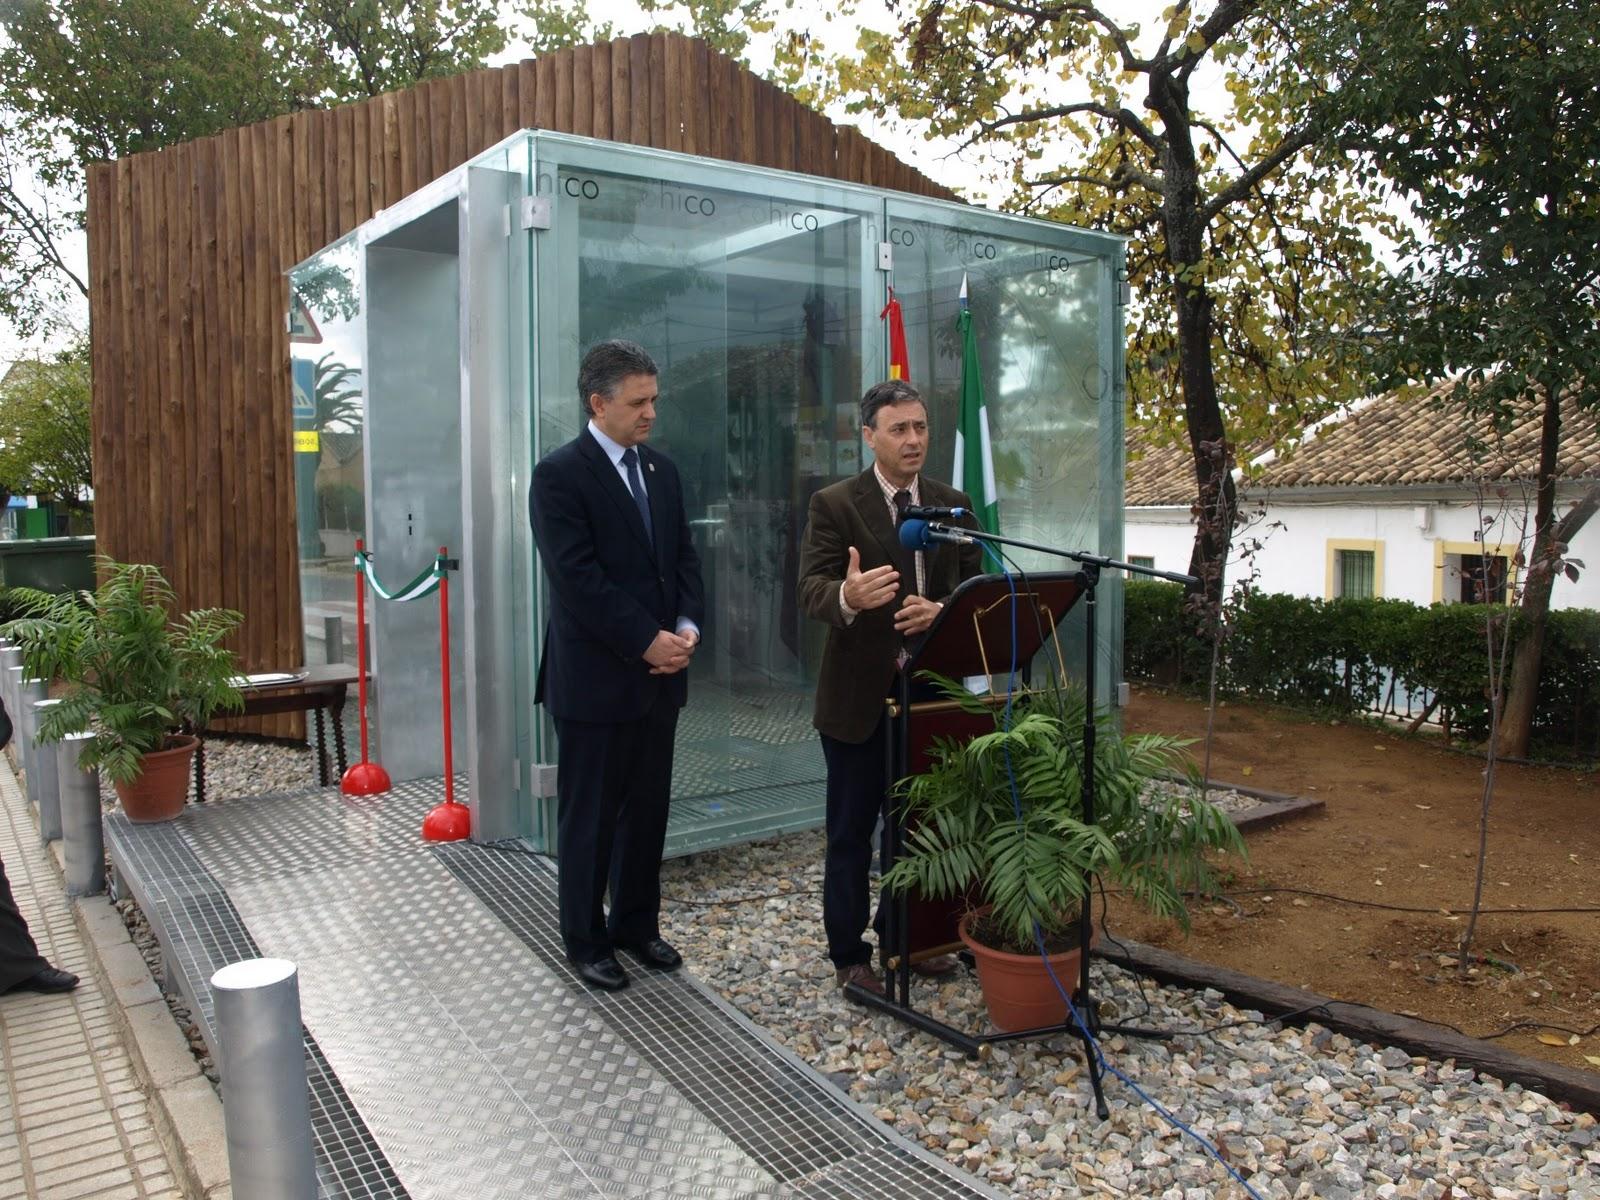 Constantina cuenta con una nueva oficina municipal de for Oficina de turismo sevilla